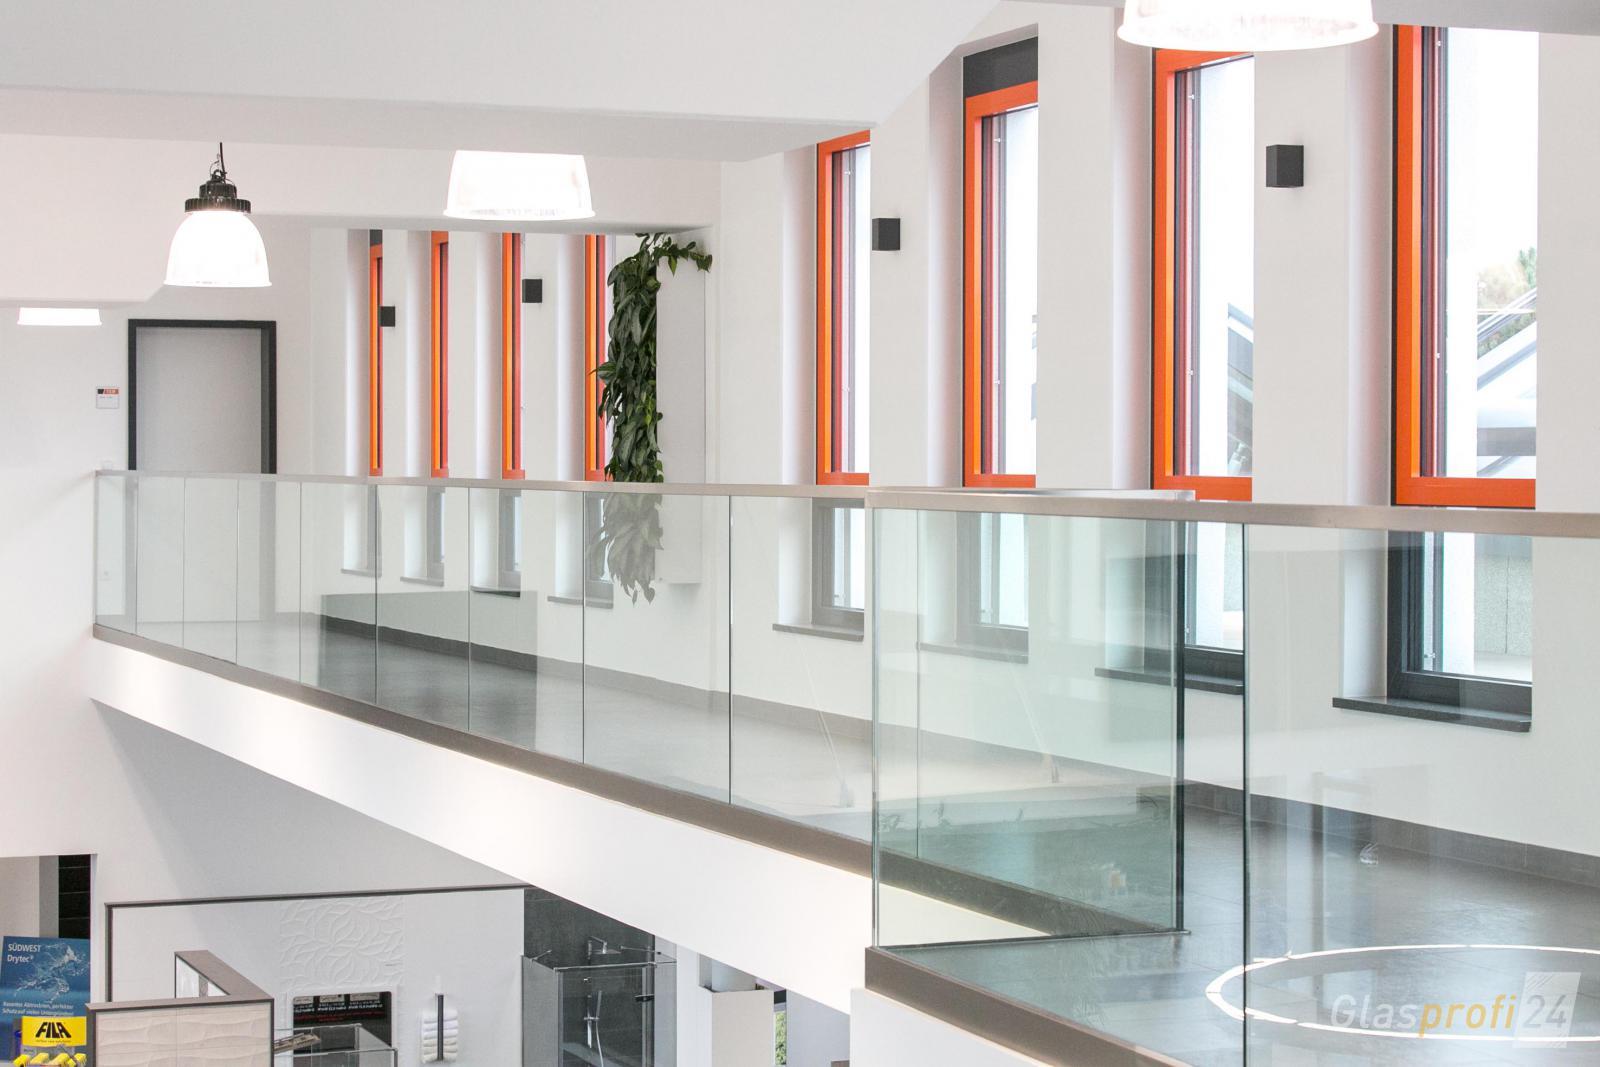 absturzsicherung aus glas f r innen und au en glasprofi24. Black Bedroom Furniture Sets. Home Design Ideas